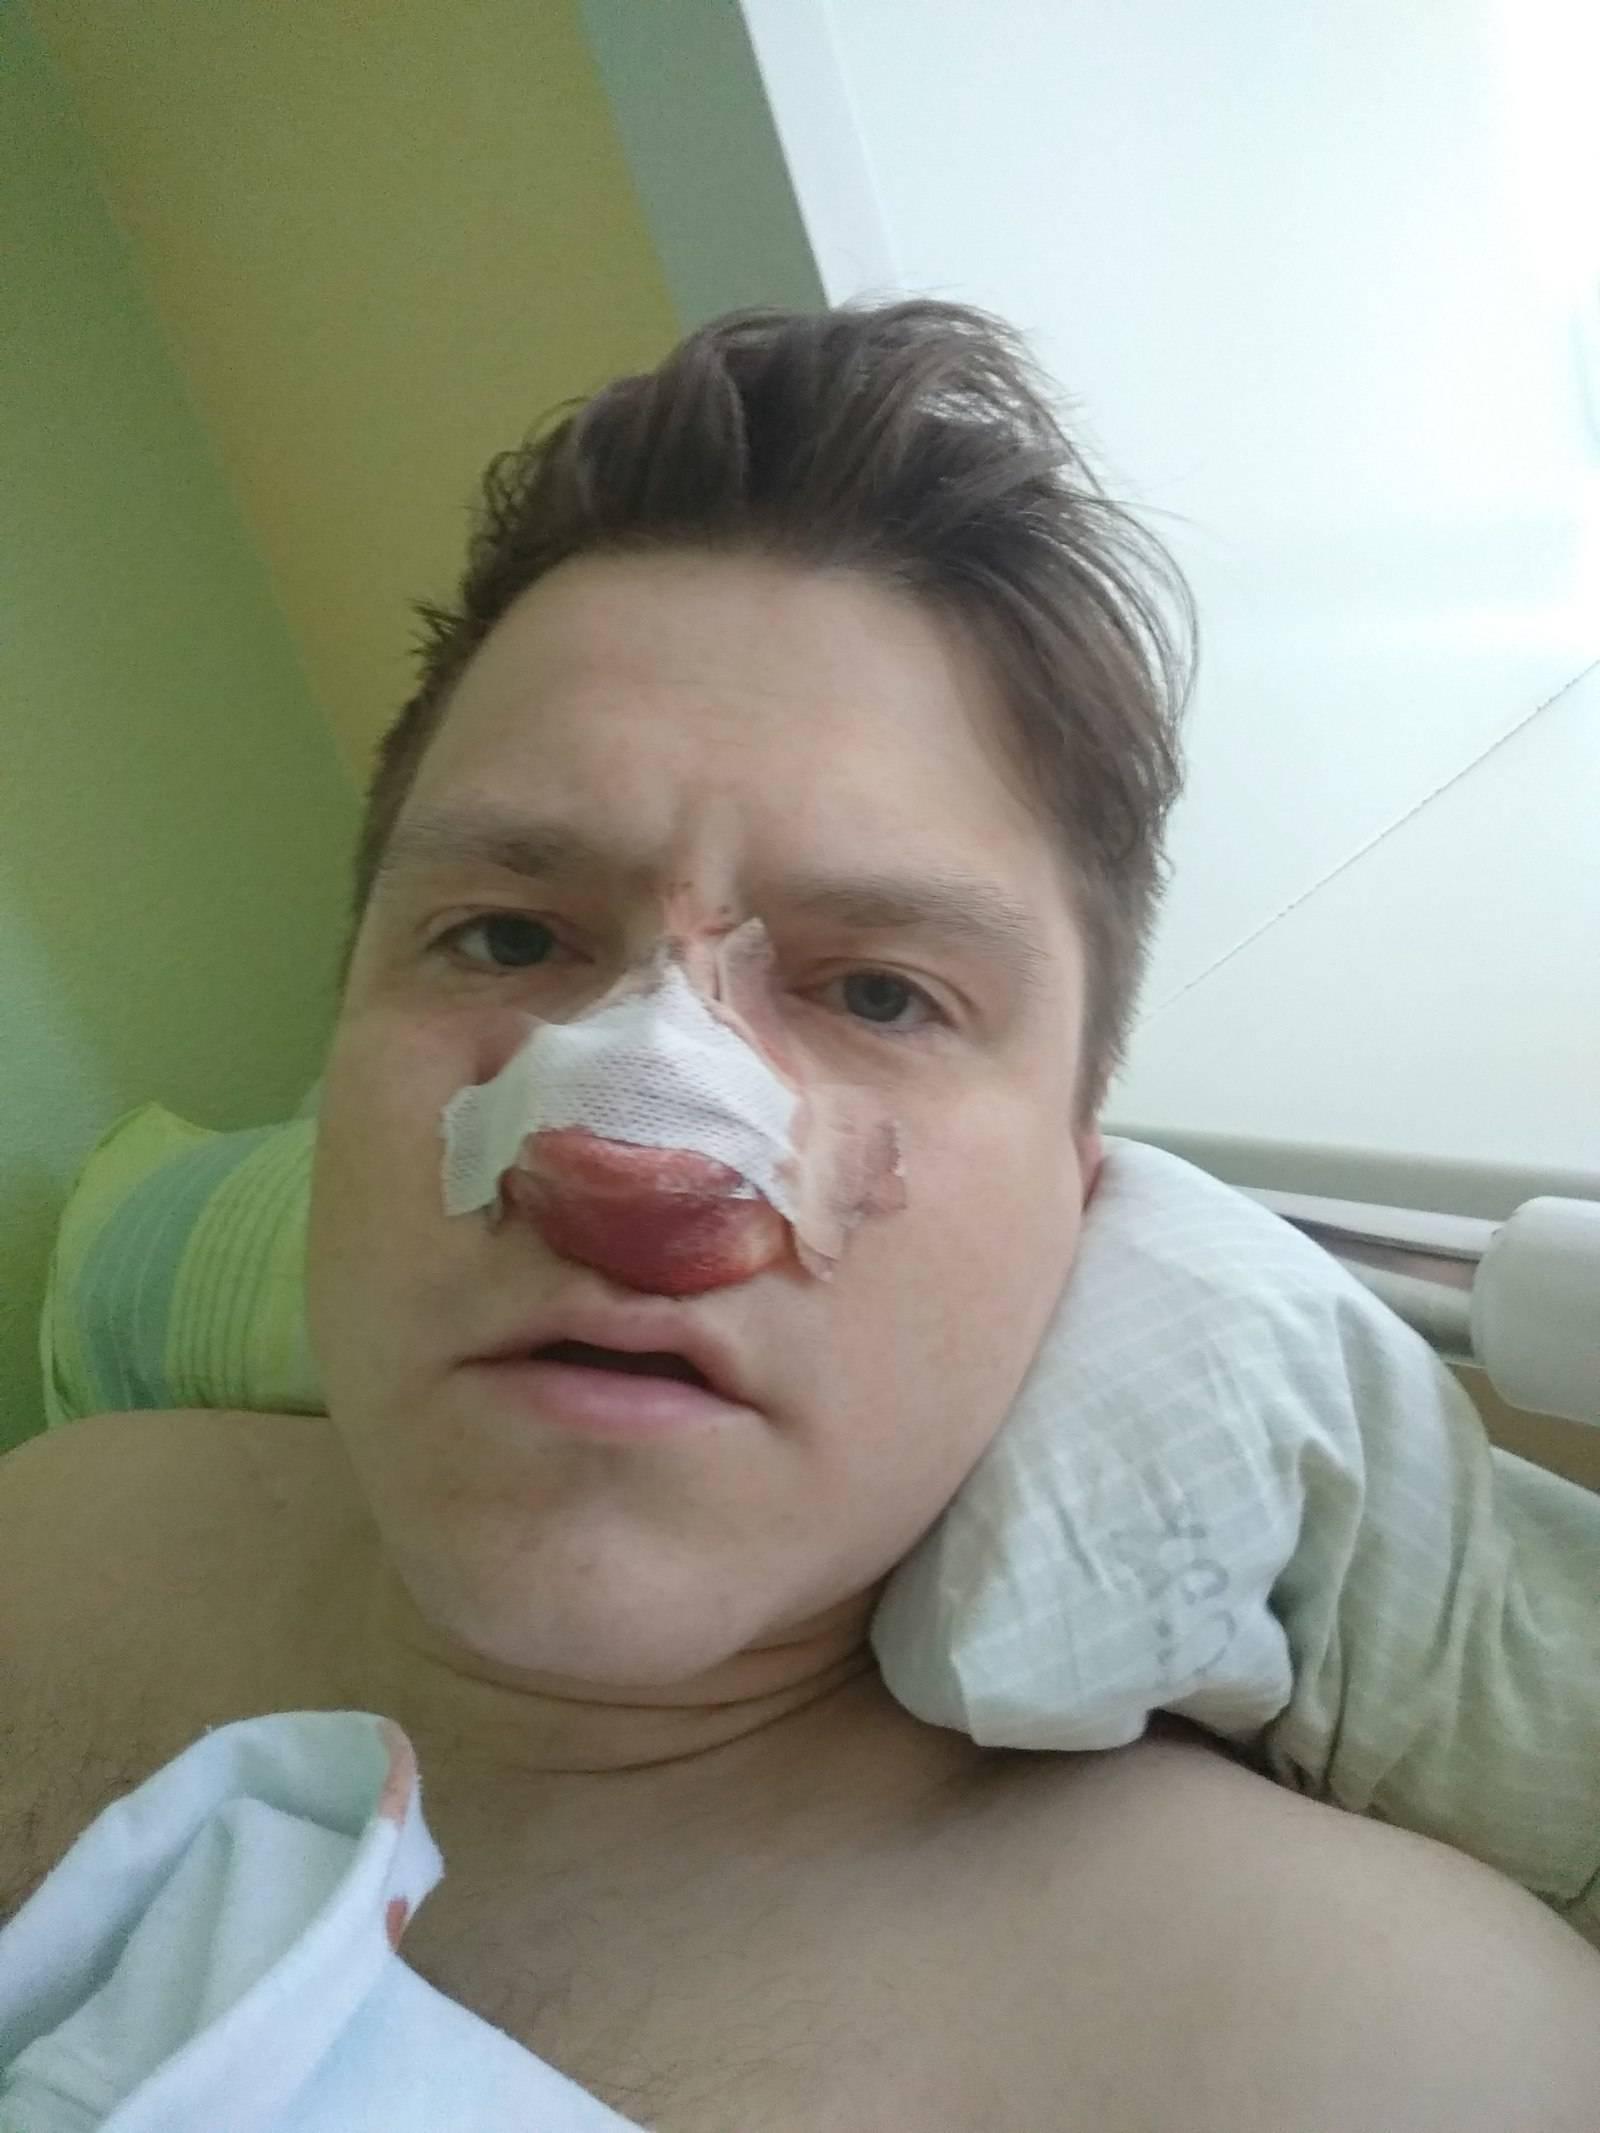 Полипы в носу у ребенка — что это такое, симптомы наростов